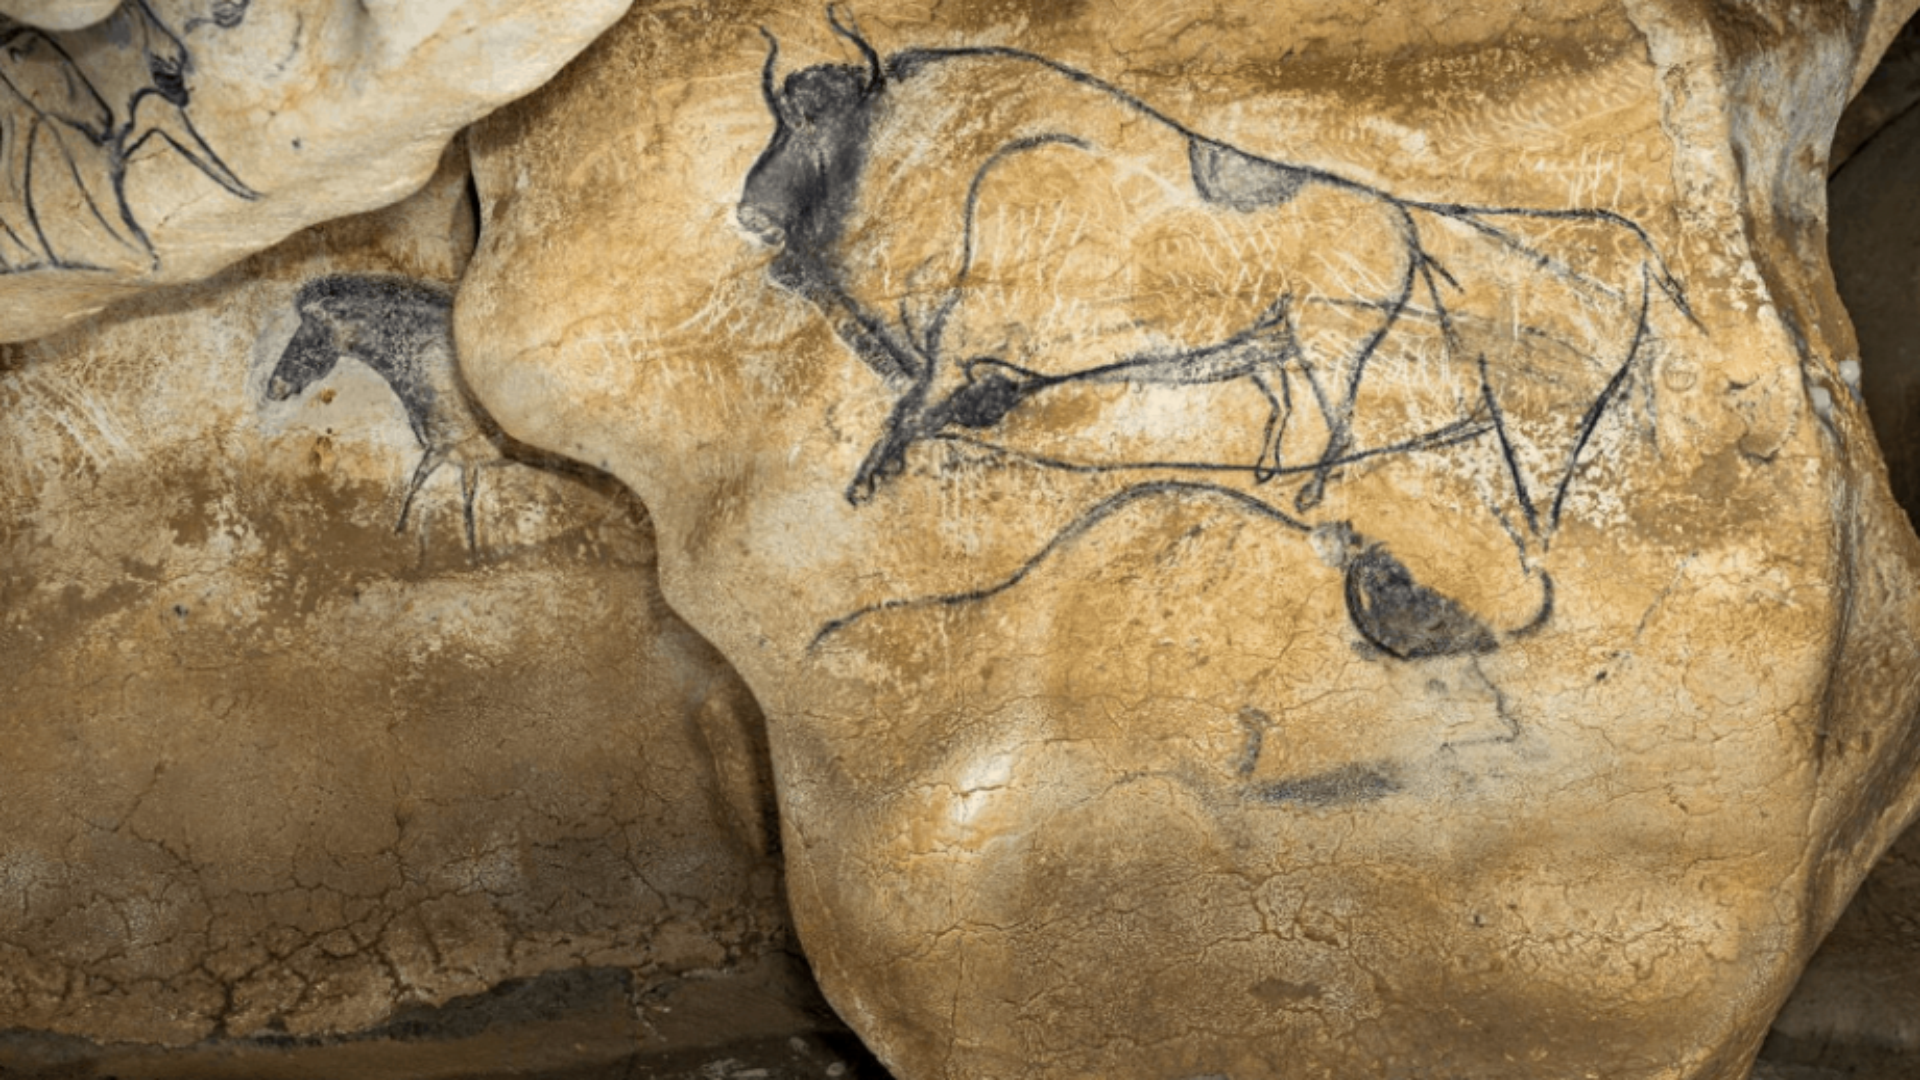 Les grands sites archéologiques se dévoilent en ligne